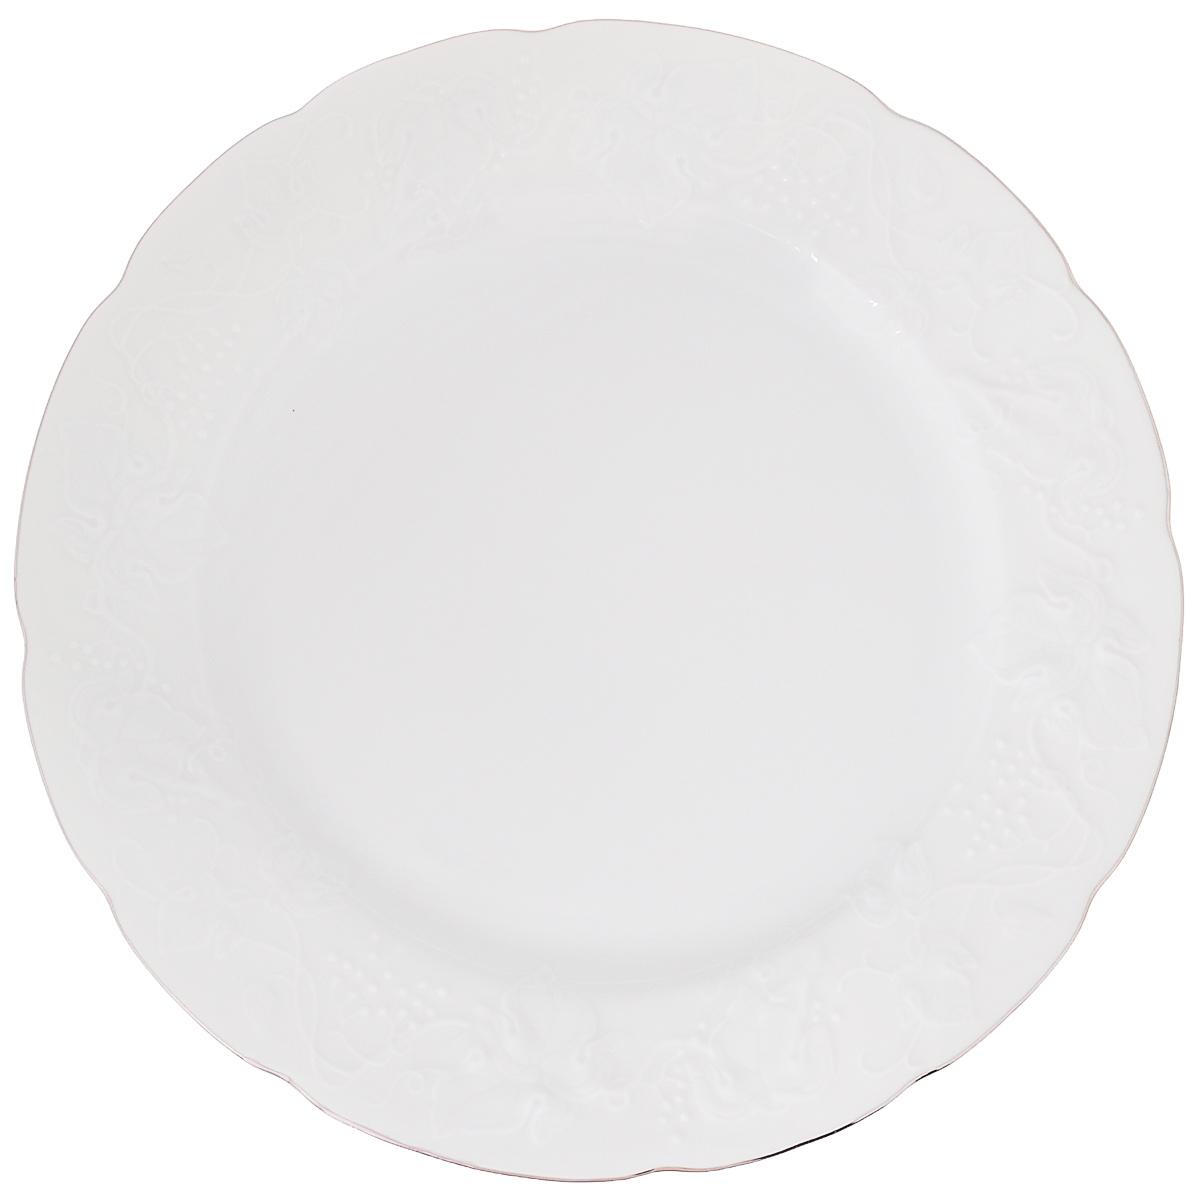 Тарелка La Rose Des Sables Vendanges, цвет: белый, серебристый, диаметр 26 см тарелка квадратная 25 см la rose des sables yaka rose 880325 2228